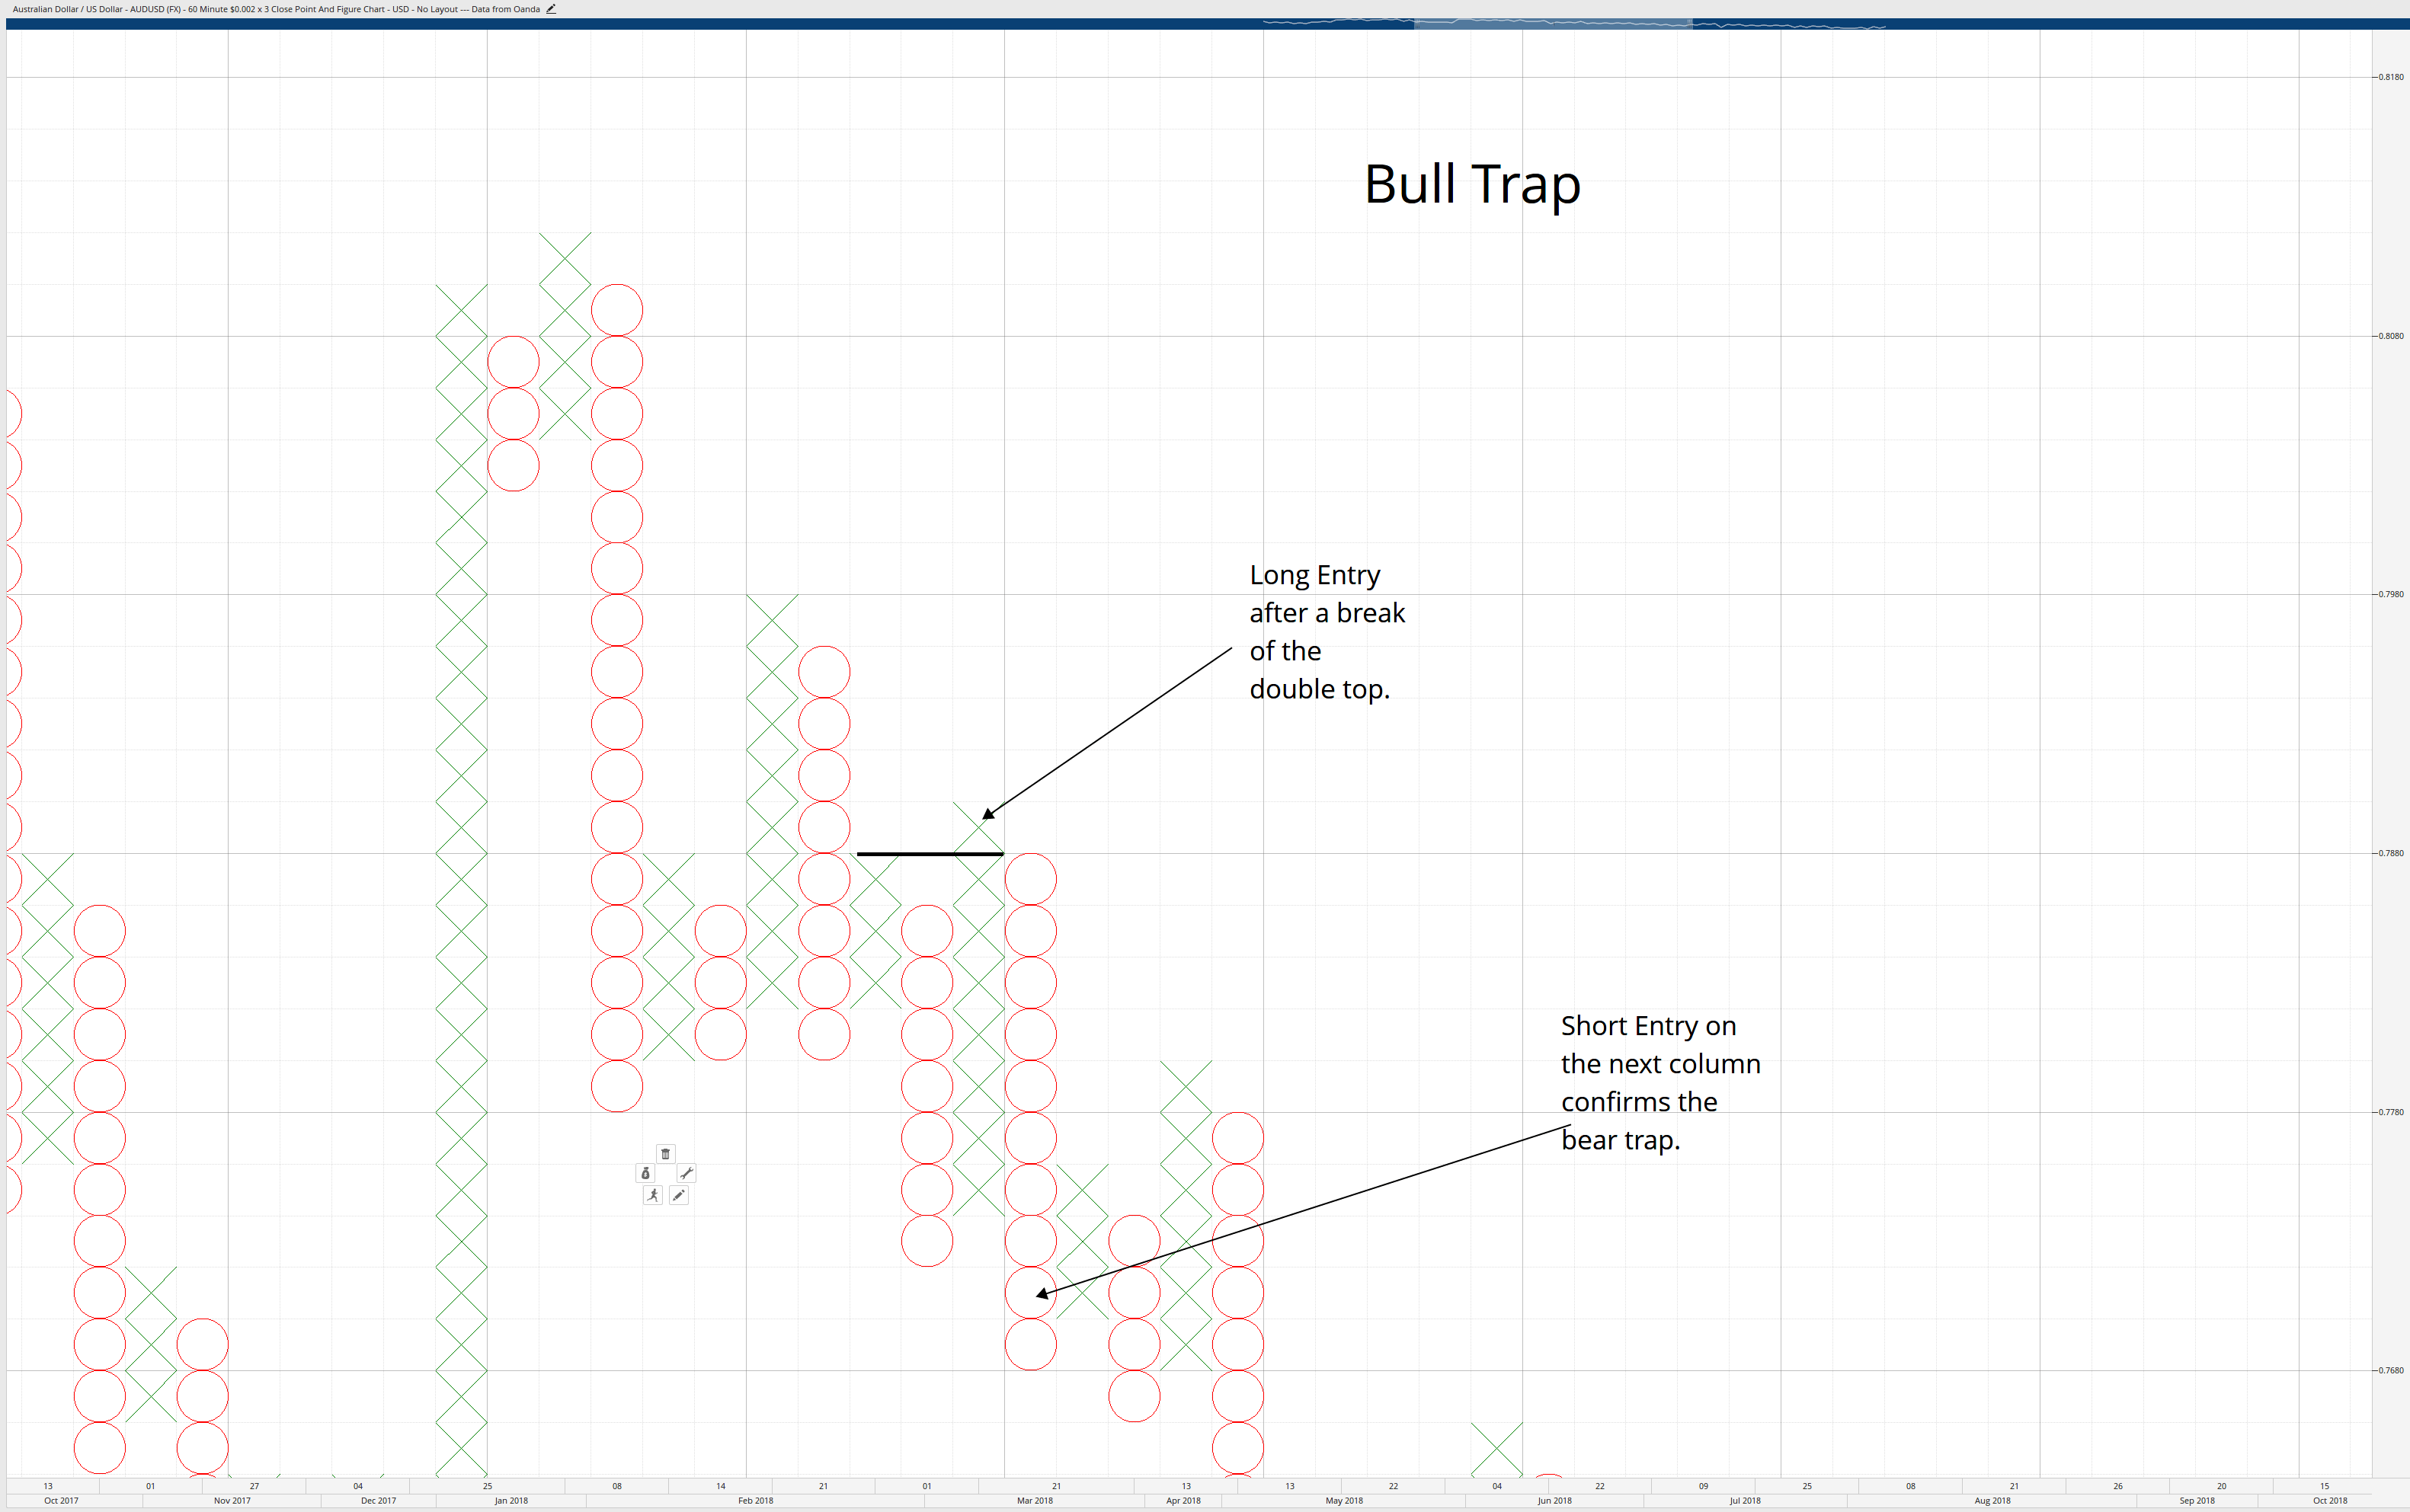 Bull Trap Pattern